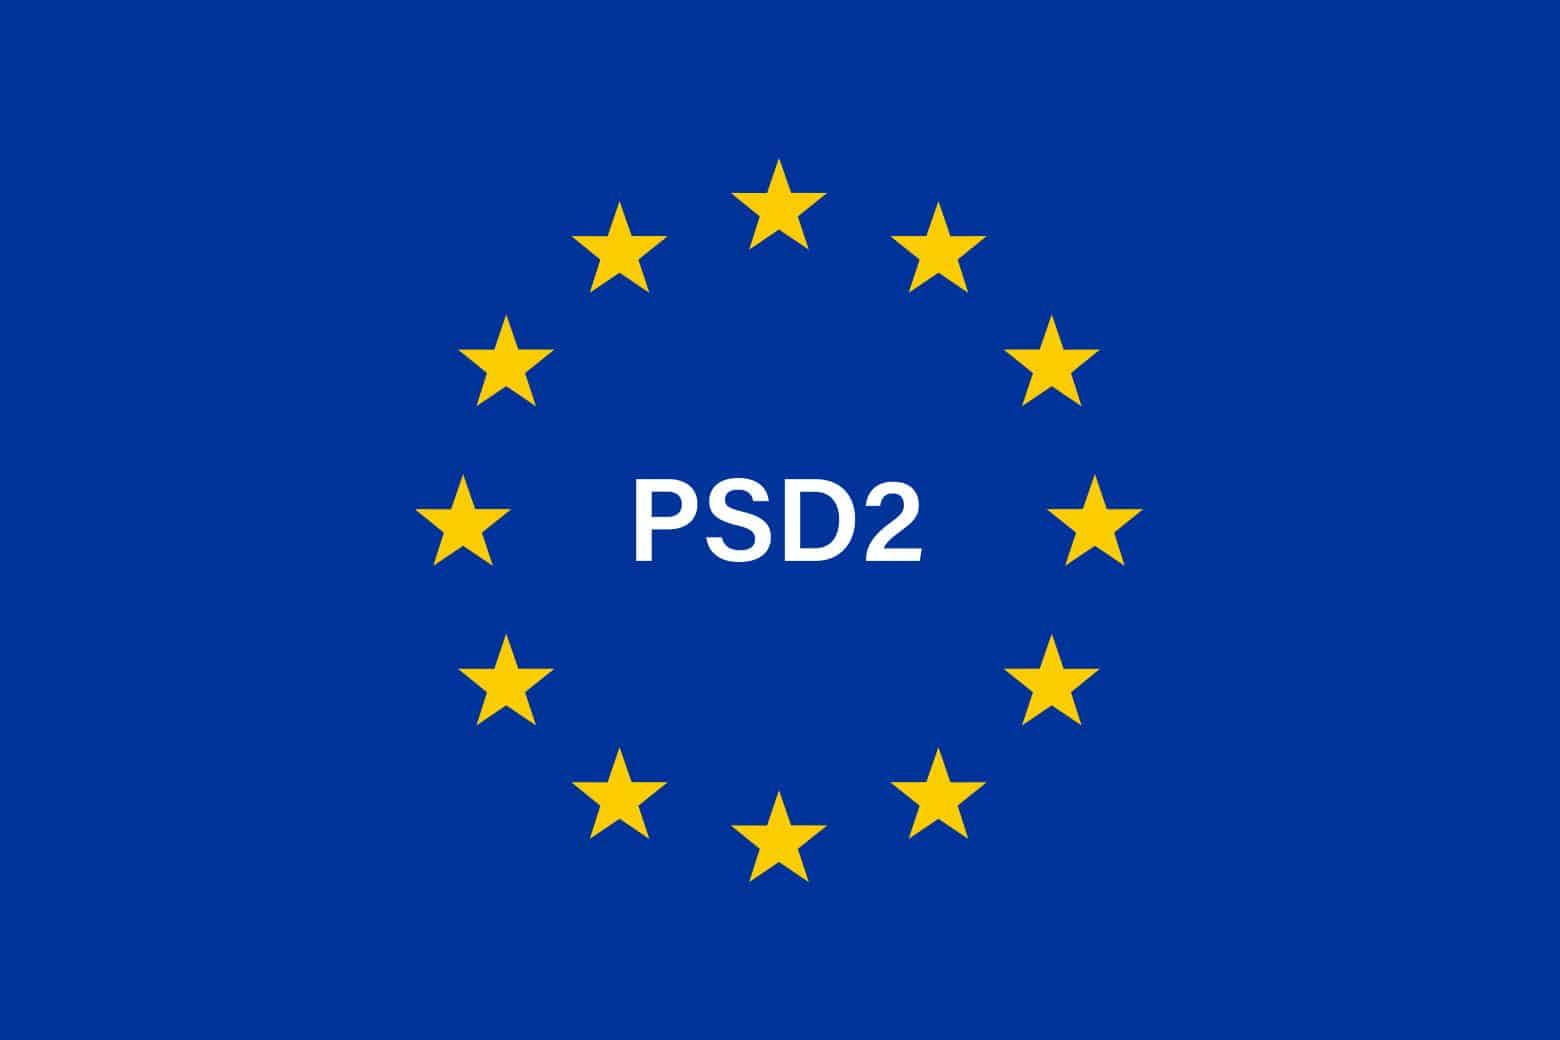 PSD2 Legislation